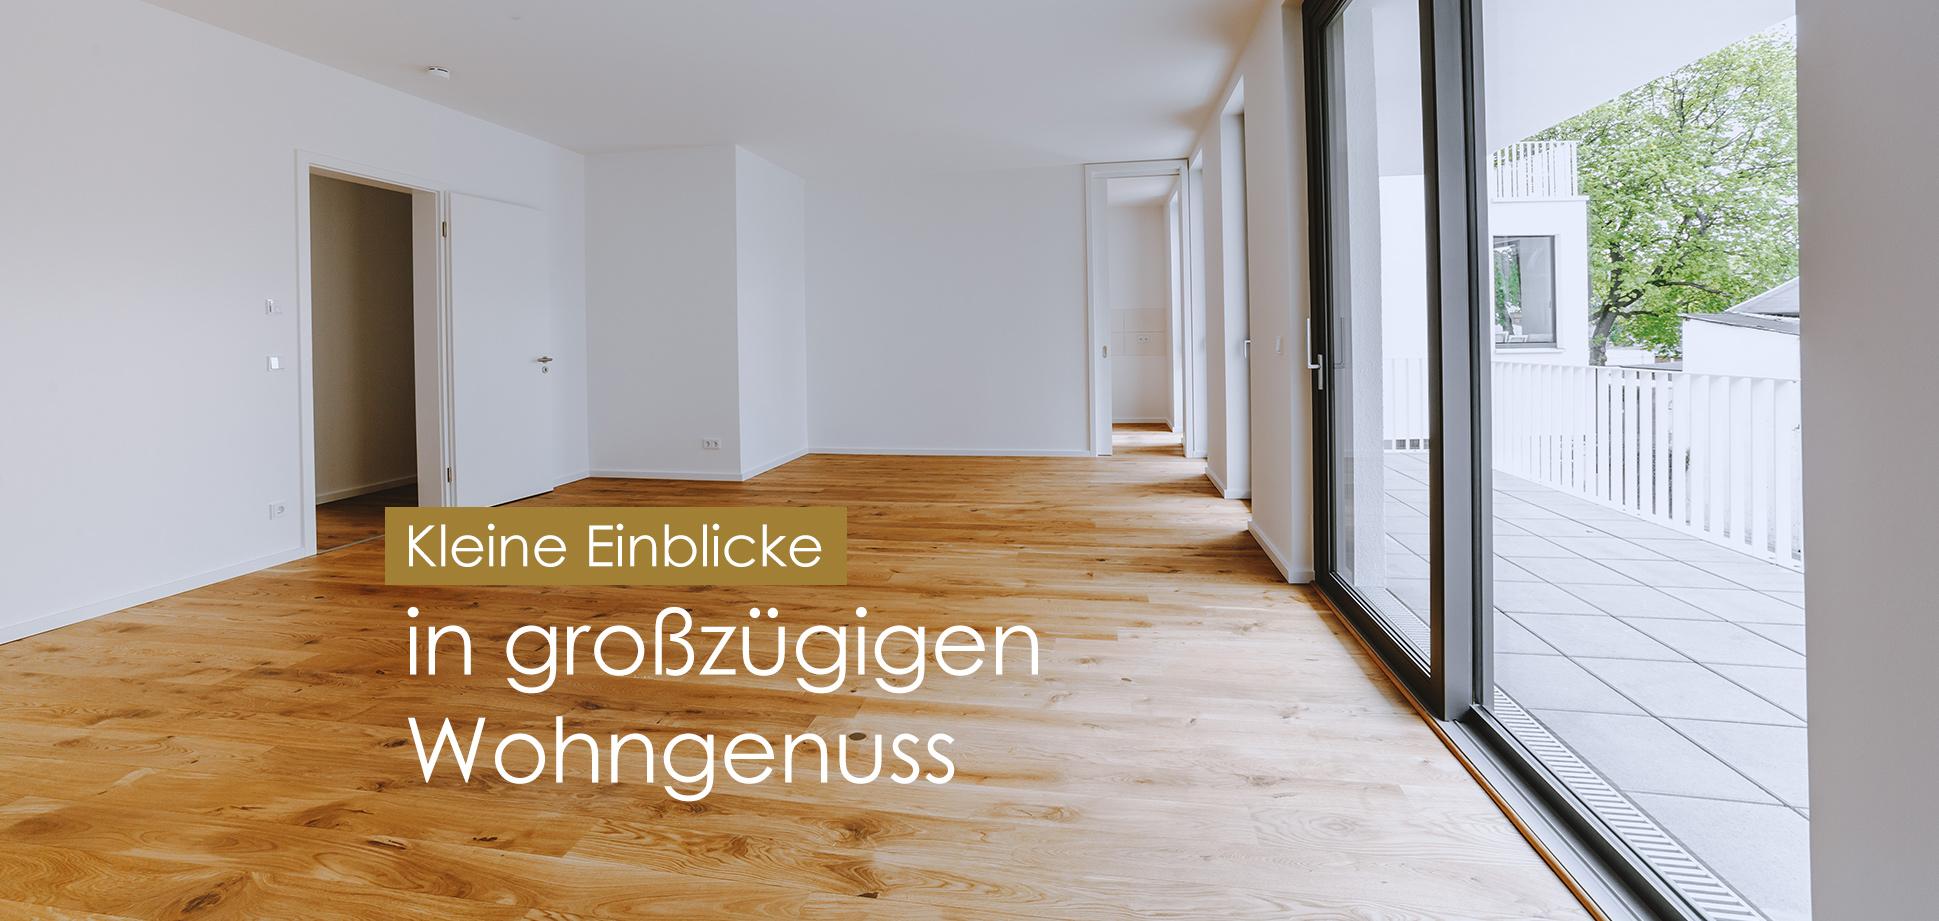 wohnungskauf finanzieren mit kfw f rderung stadthaus wieland 13 magdeburg. Black Bedroom Furniture Sets. Home Design Ideas